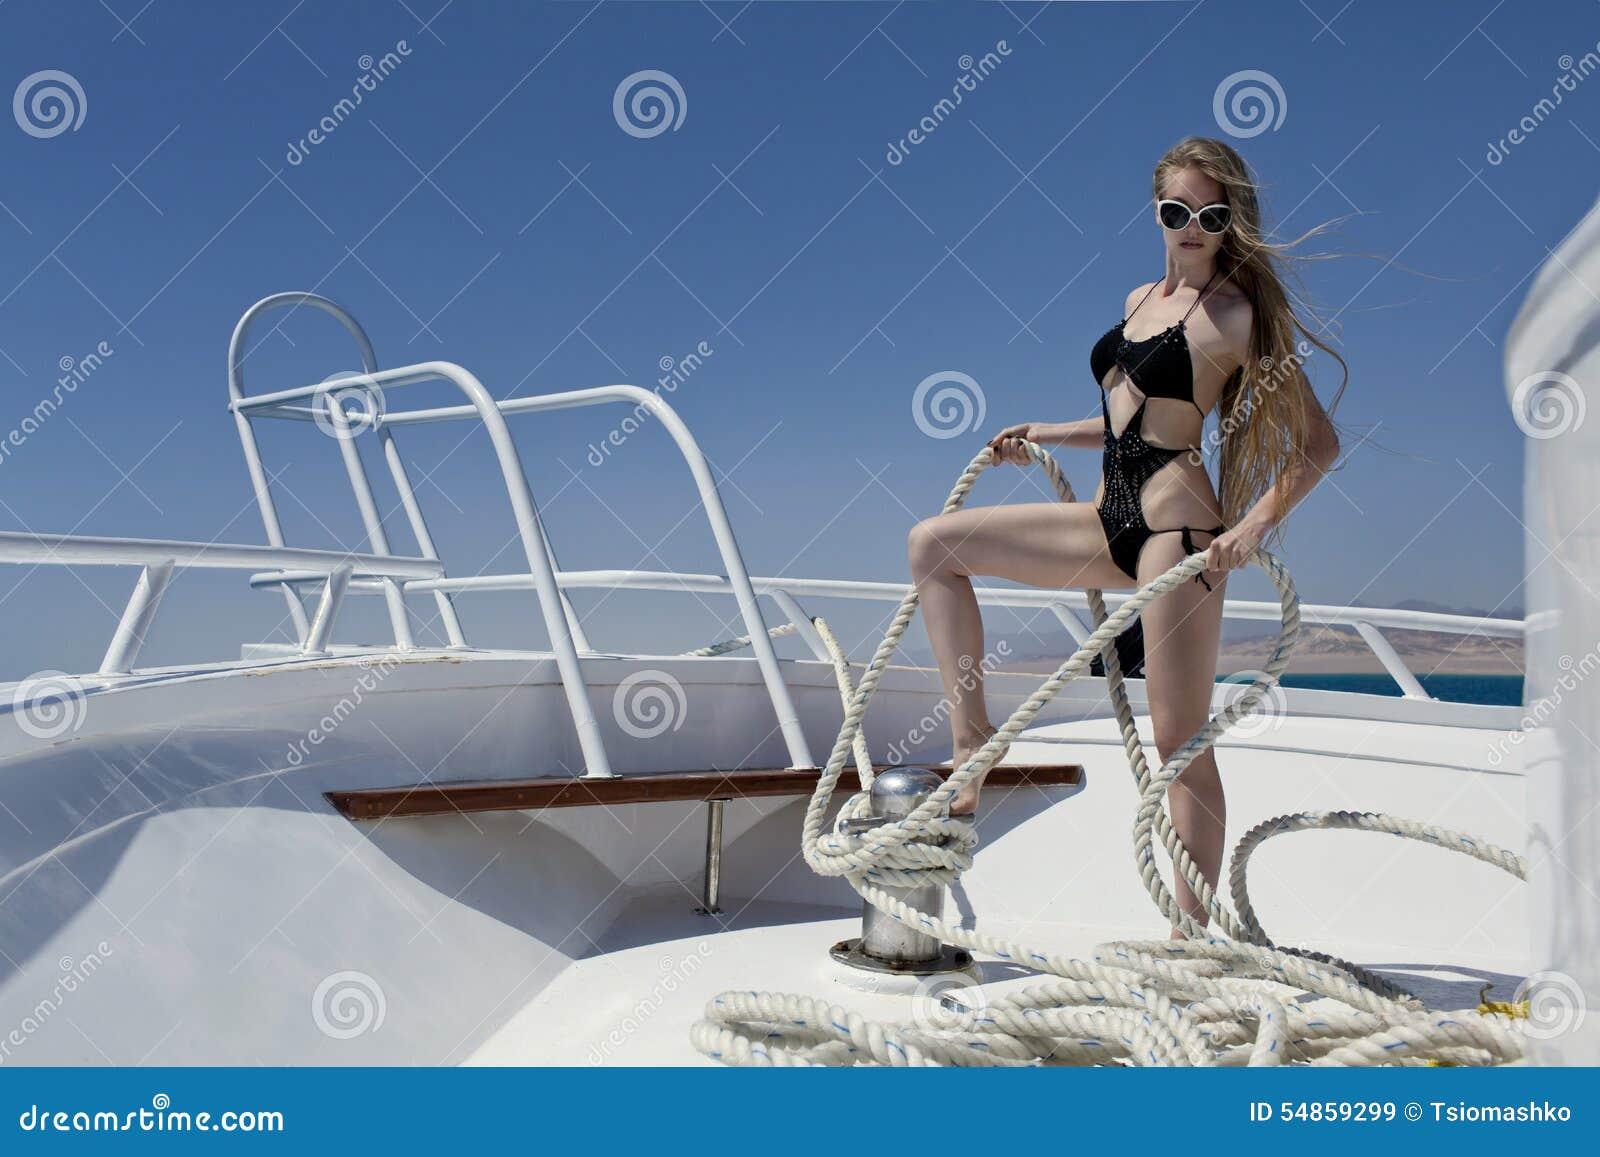 Auf Dem Boot Wichsen